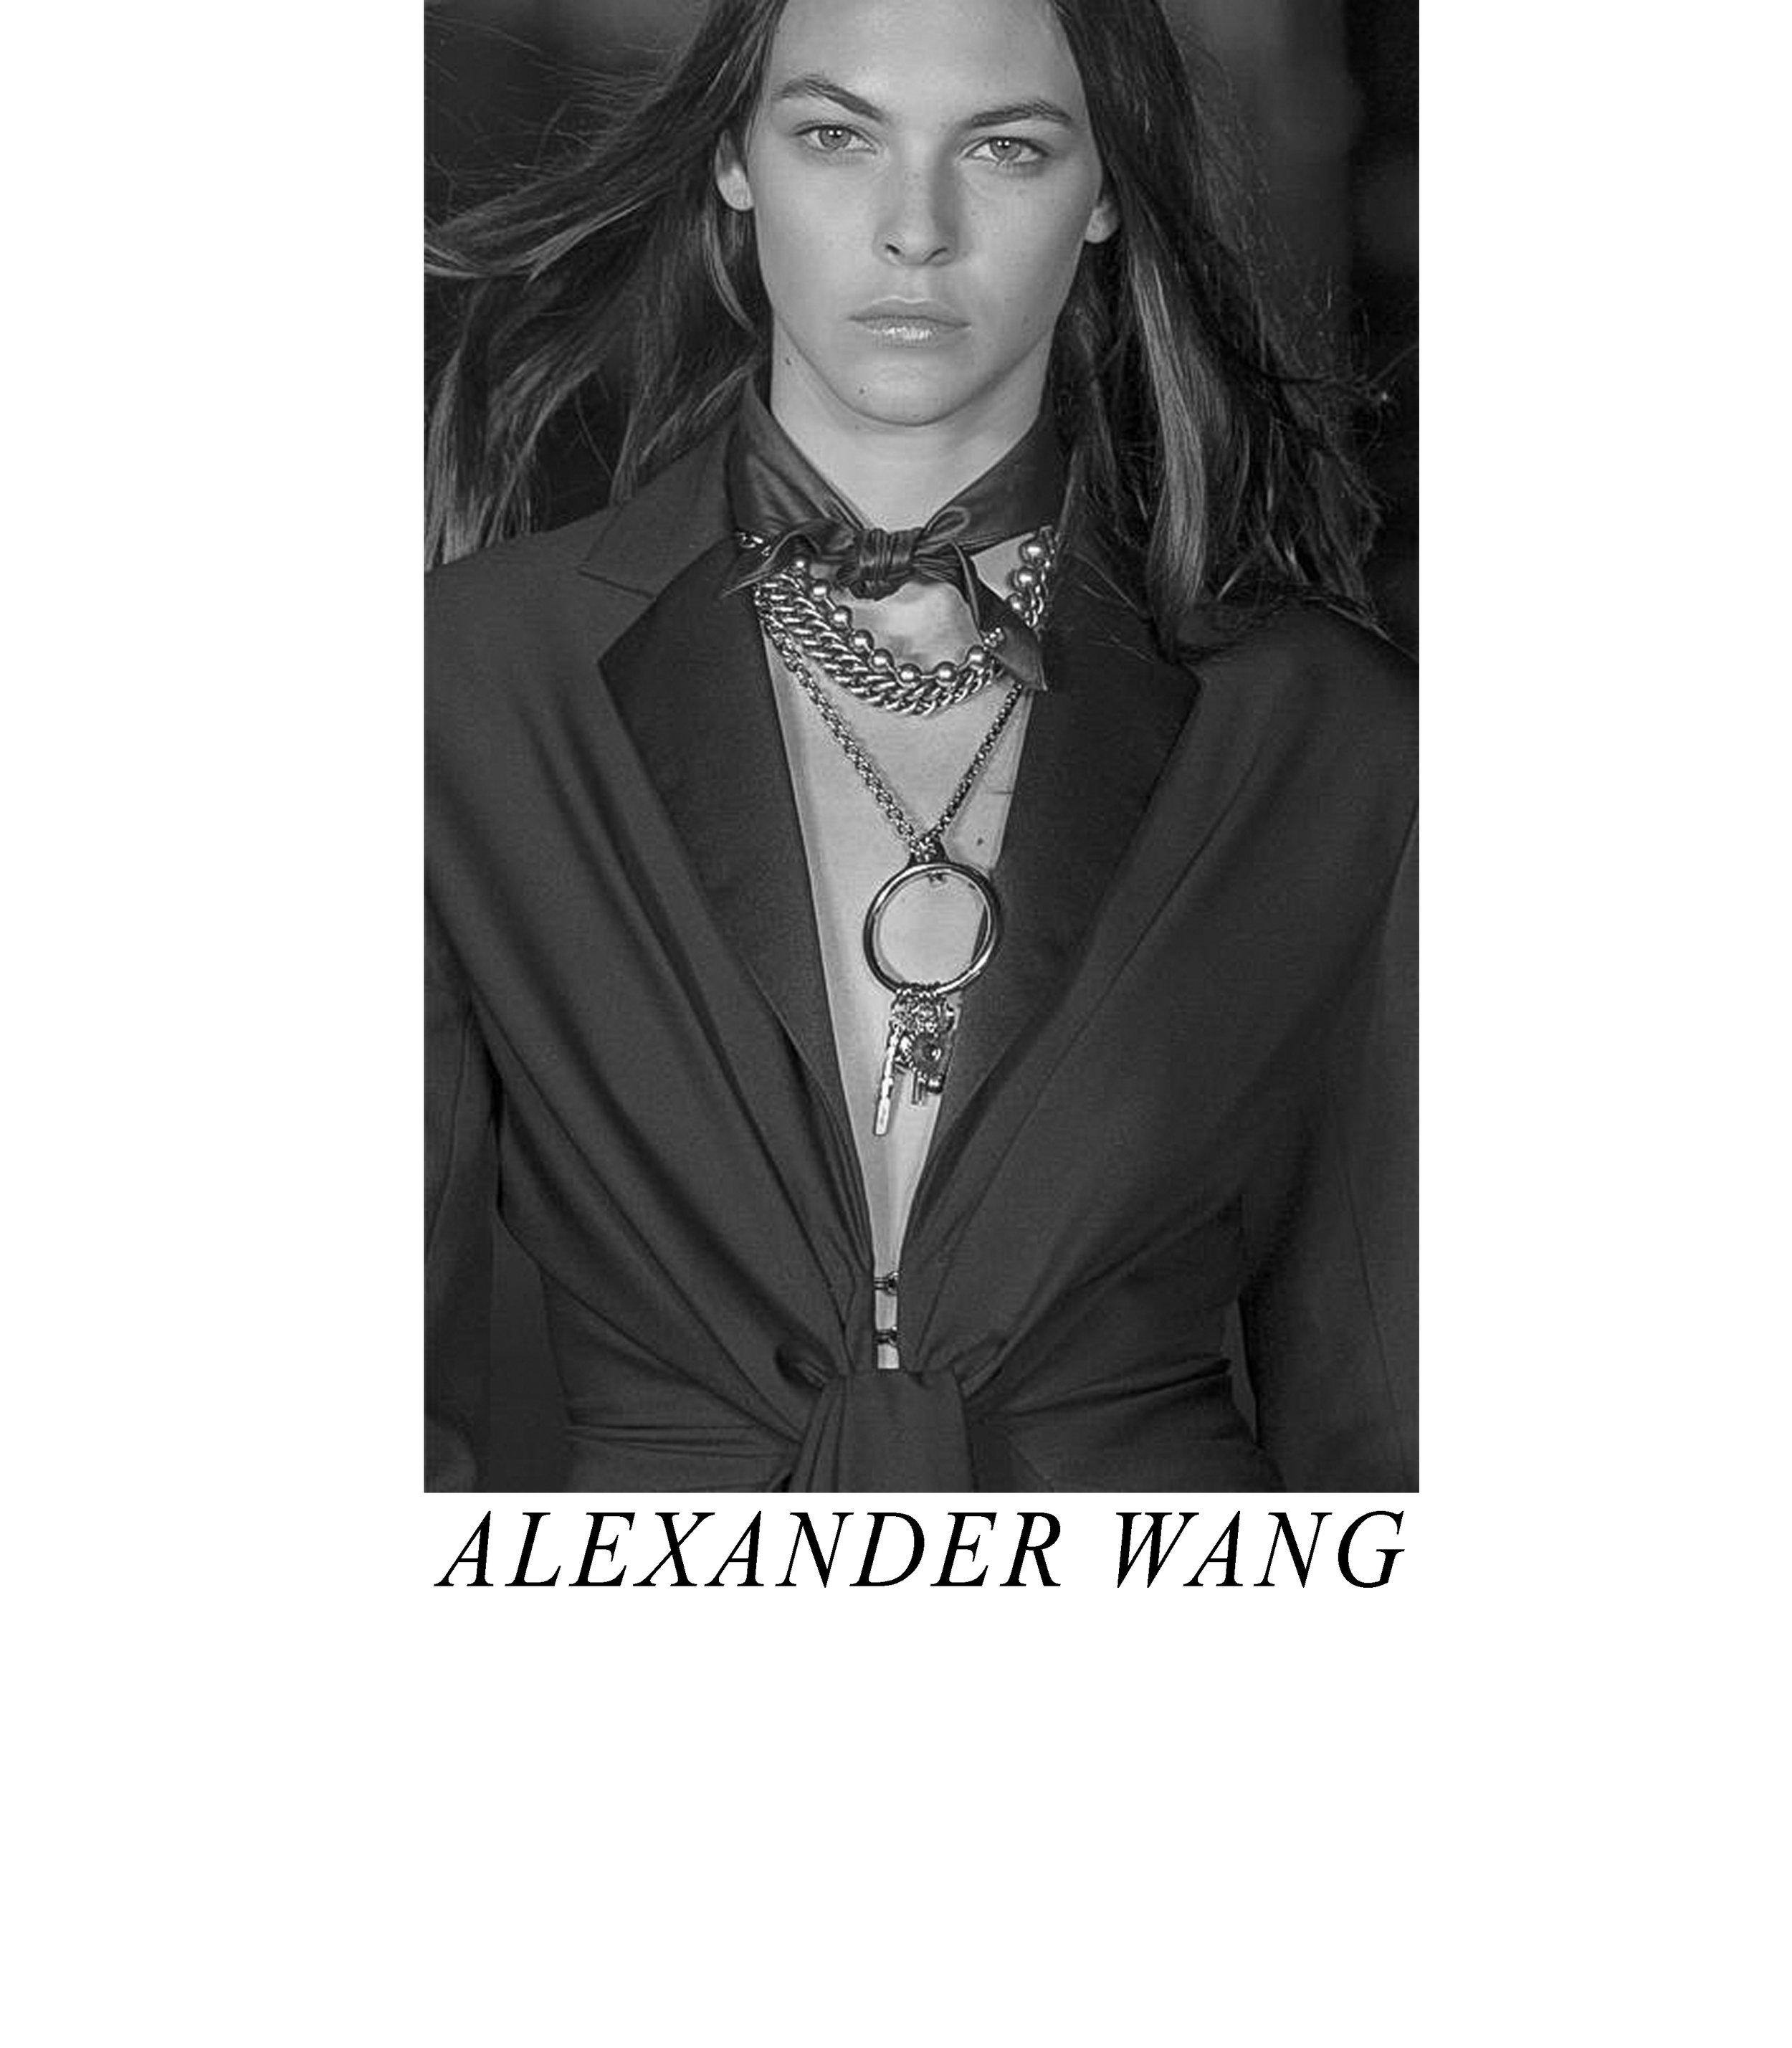 hbz-ss2018-jewelry-runway-alexander-wang-bjx-s18-002-1505840282 copy.jpg